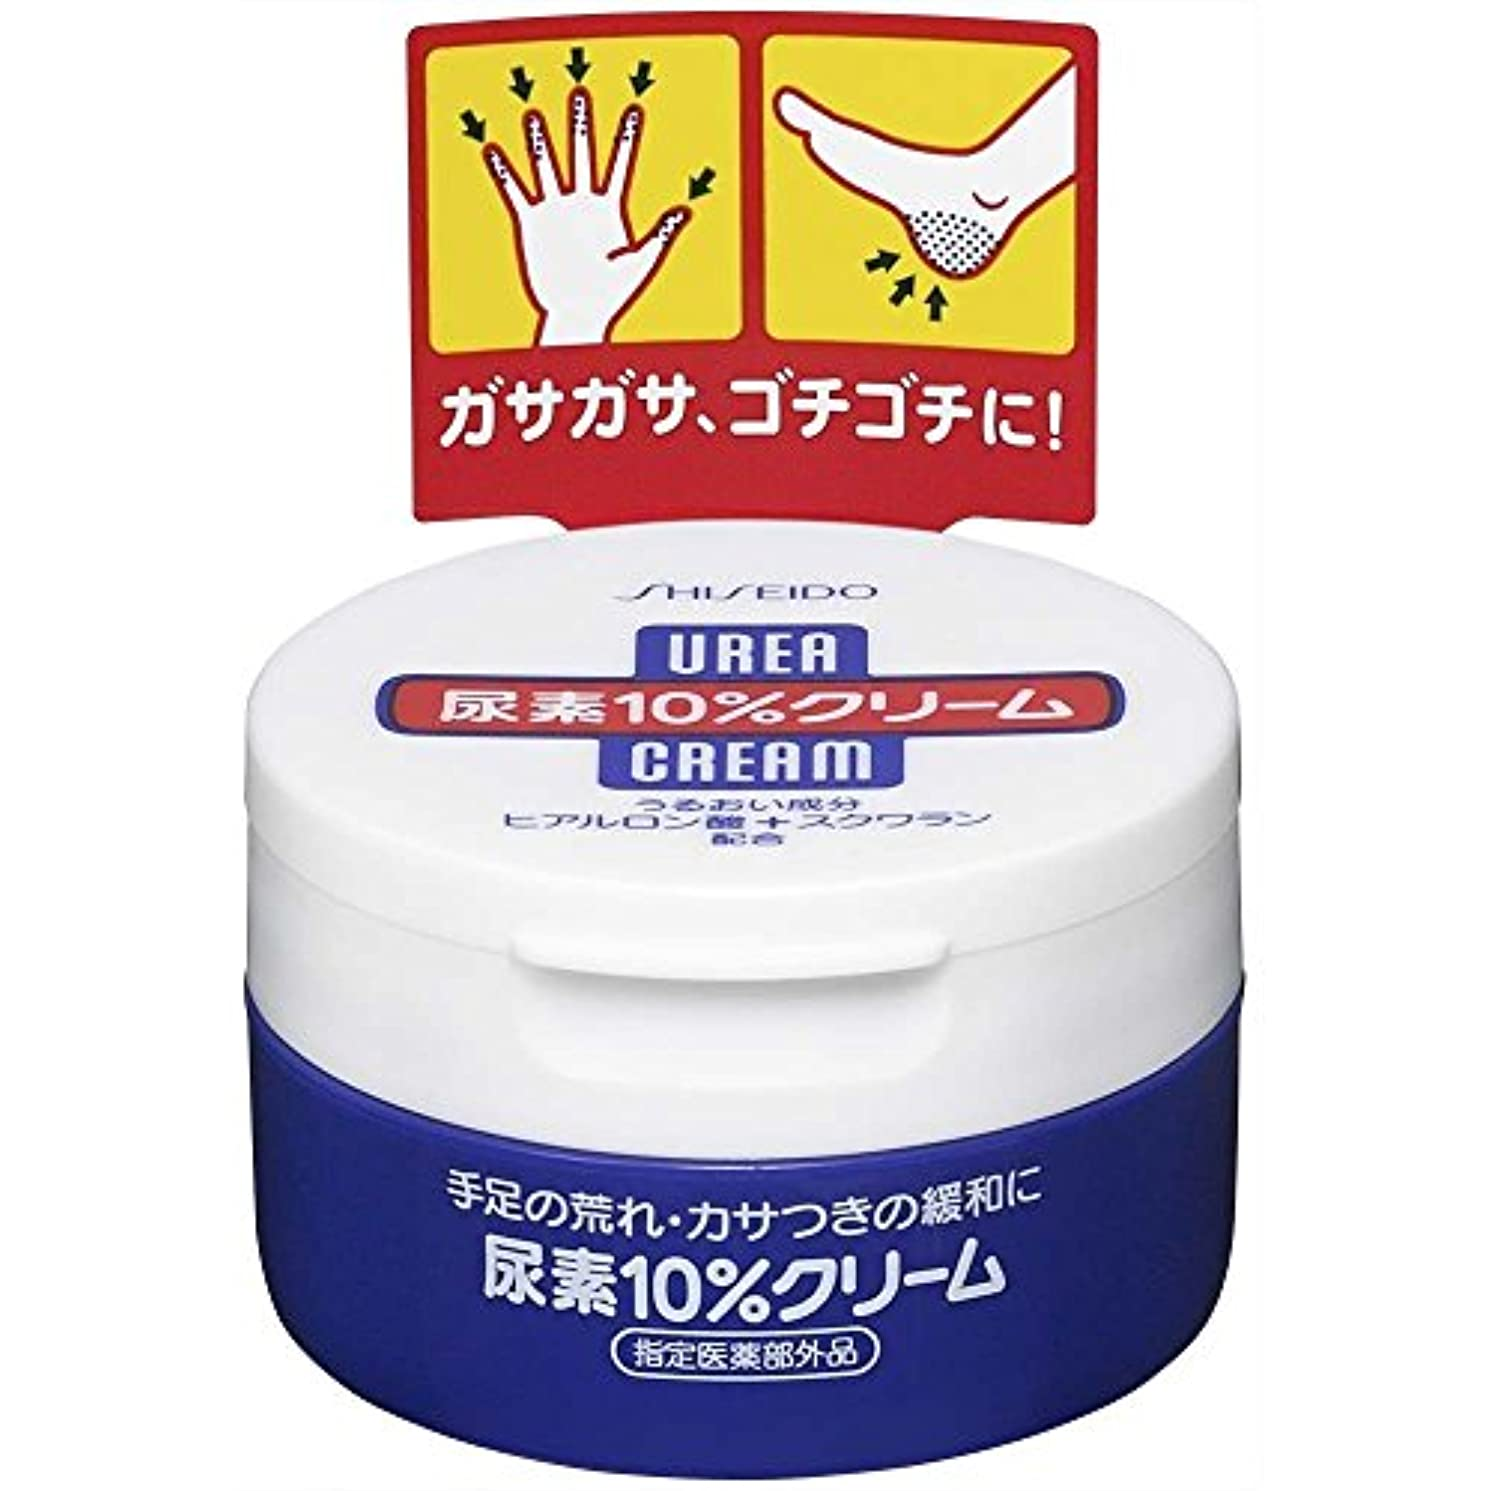 ずらすインシデント交流する資生堂 尿素10%クリーム 100g(医薬部外品)